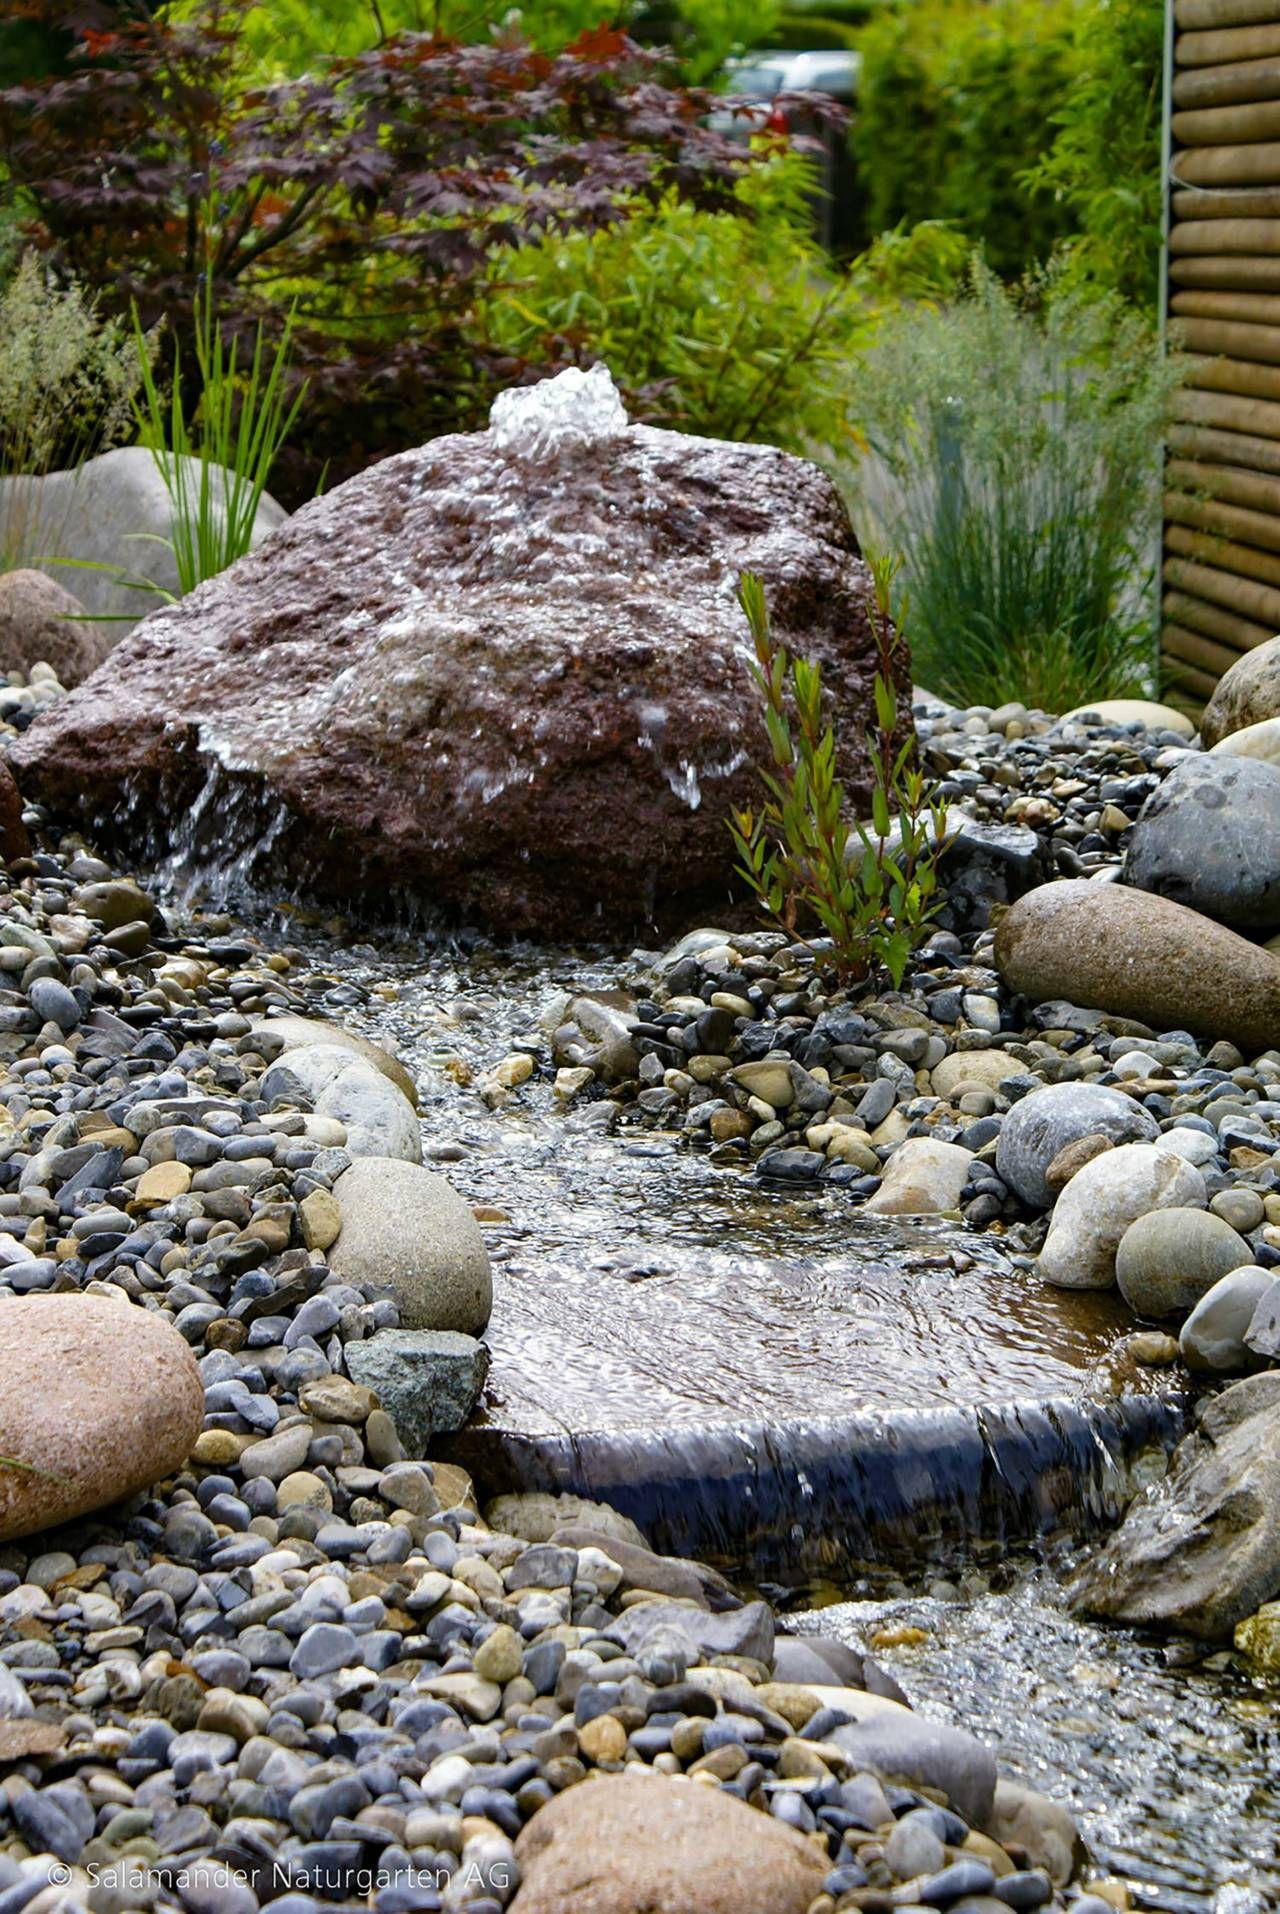 Das Wasser Fliesst Ausgehend Vom Quellstein Dem Bachbecken Entlang Bach Bachlauf Garten Wasser Naturgarte Bachlauf Im Garten Quellstein Wasser Im Garten